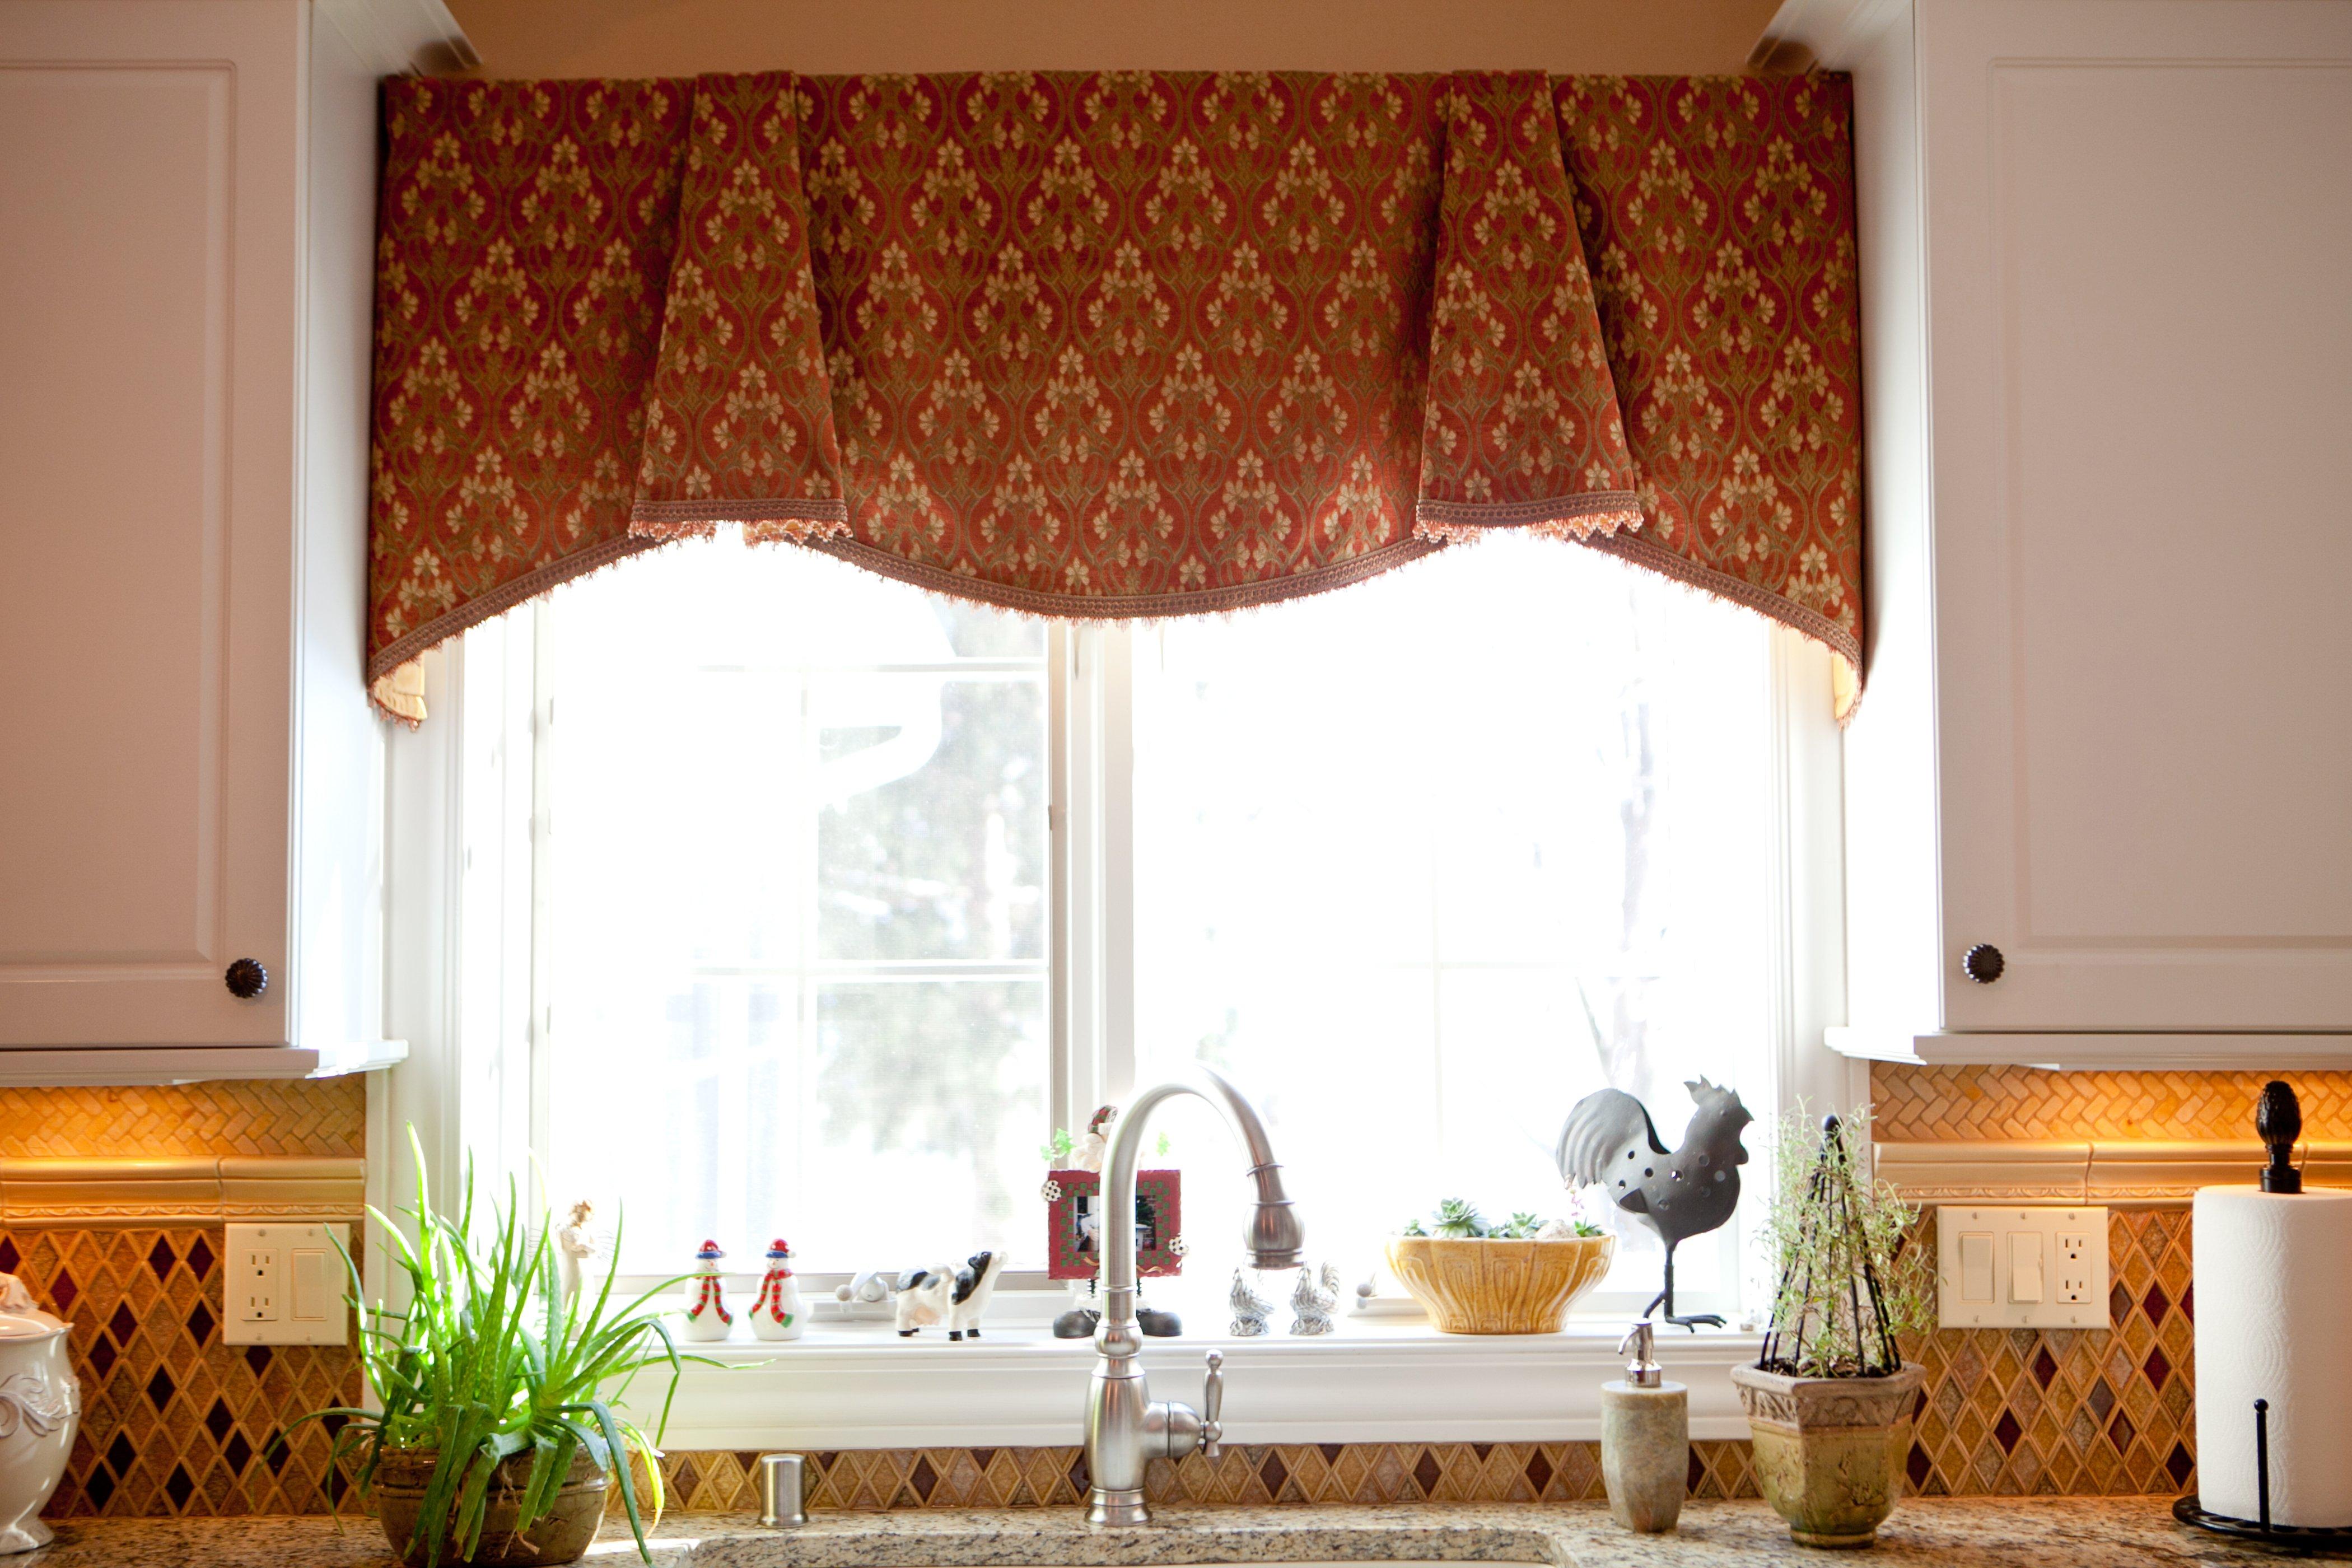 Ламбрекены на маленькие окна своими руками фото